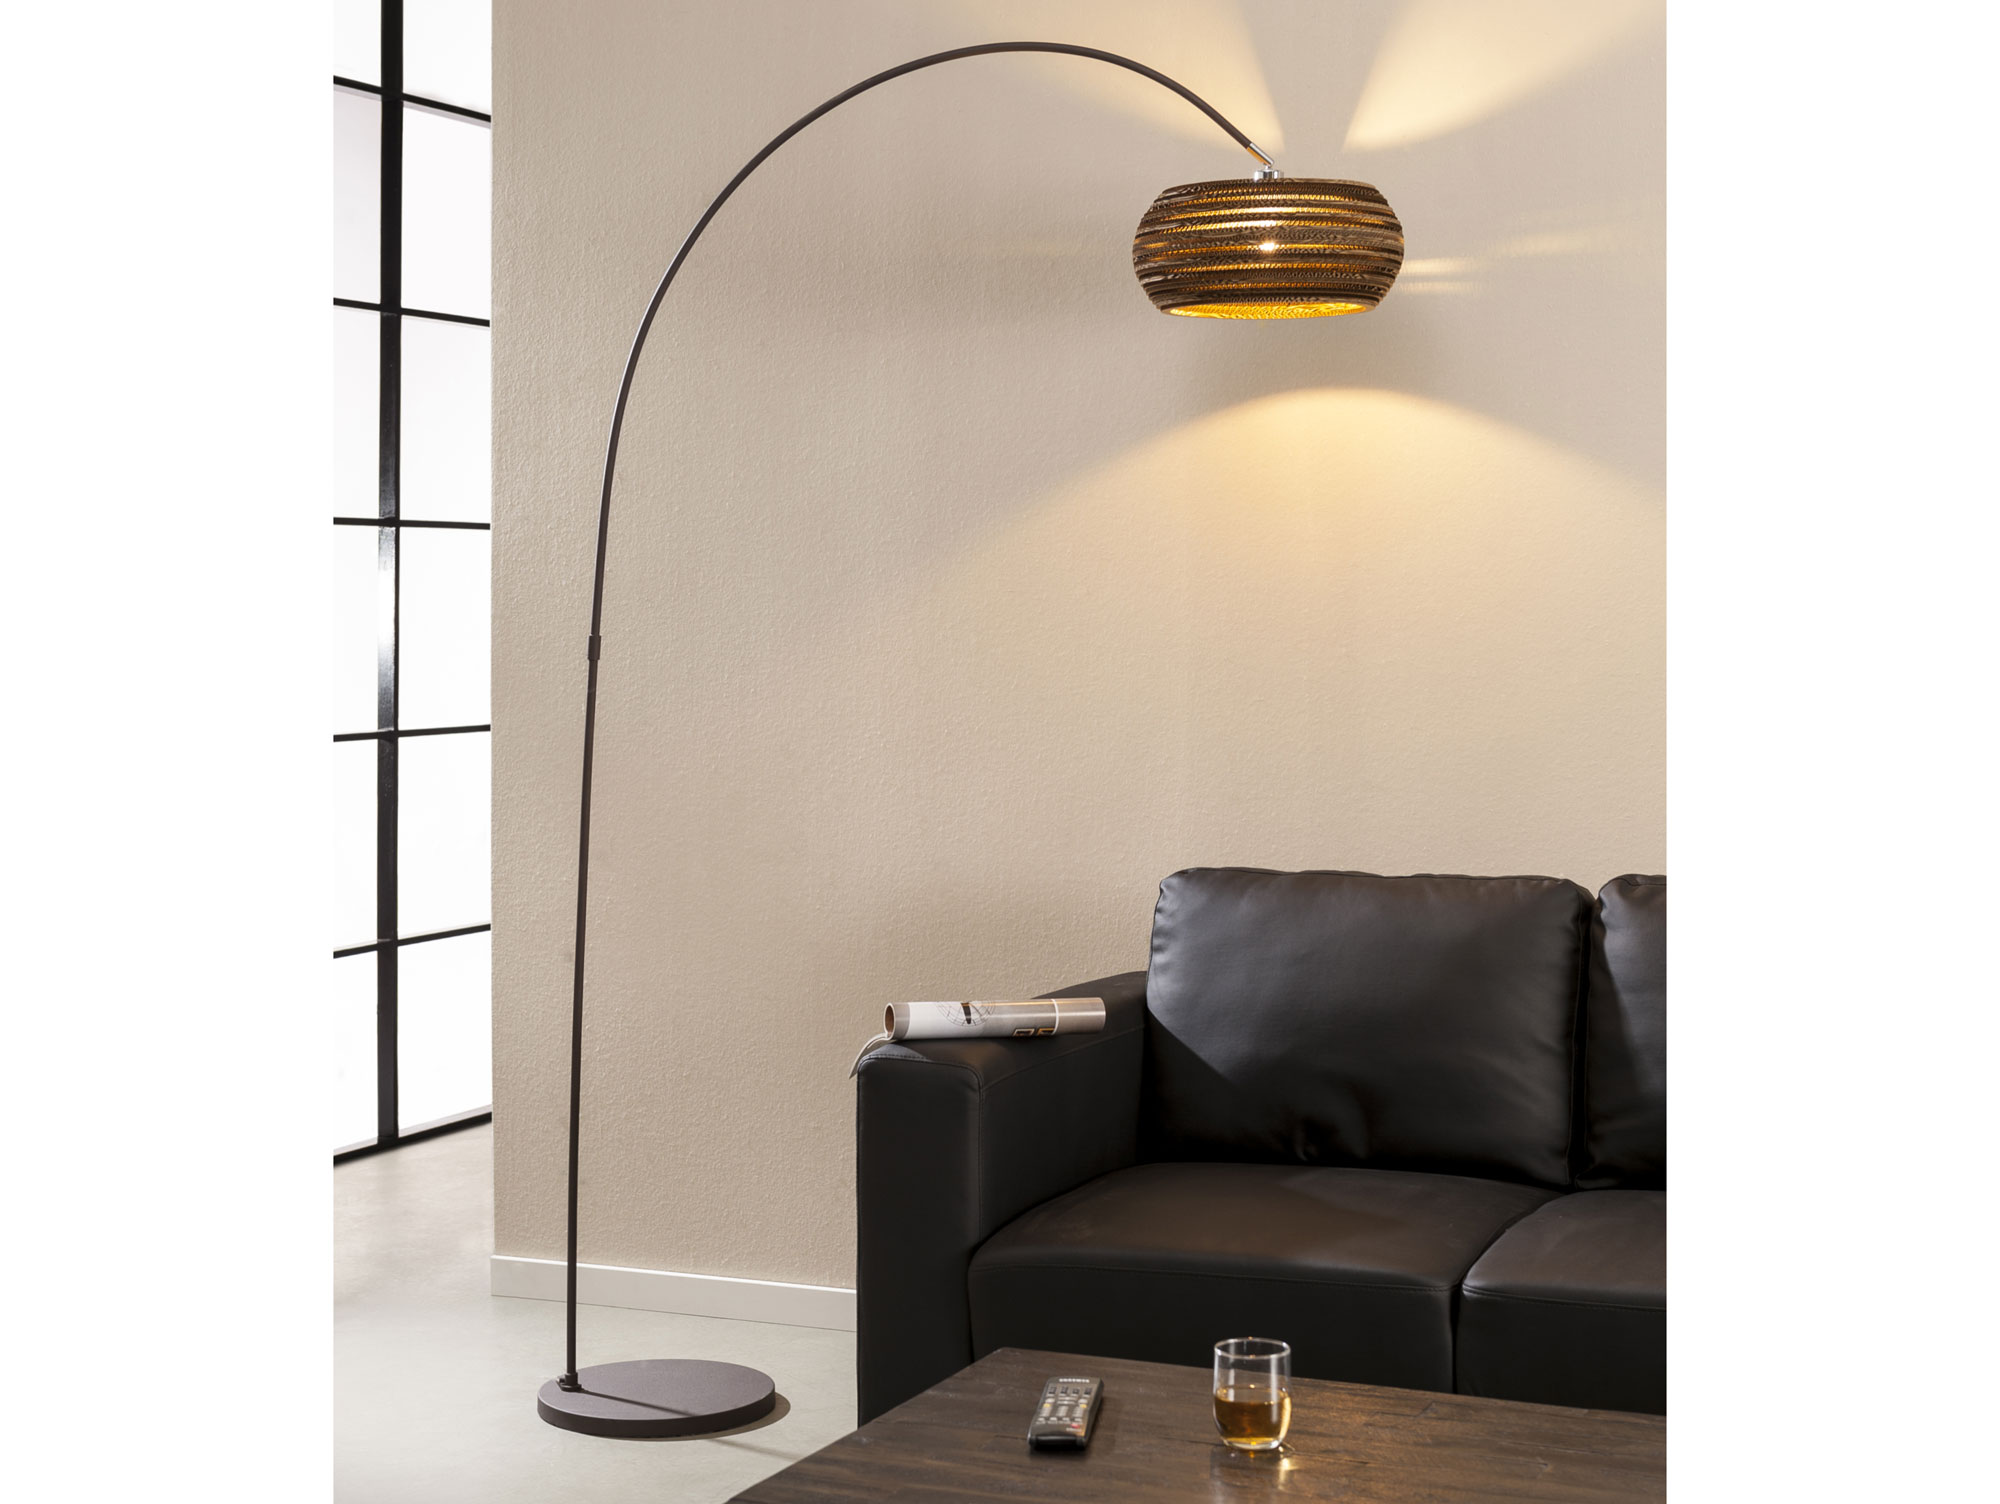 Full Size of Bogenlampe Esstisch Caiden Stehlampe Braun Runder Lampen Glas Holzplatte Günstig Weiß Oval Musterring Rund Mit Stühlen Buche Esstische Bogenlampe Esstisch